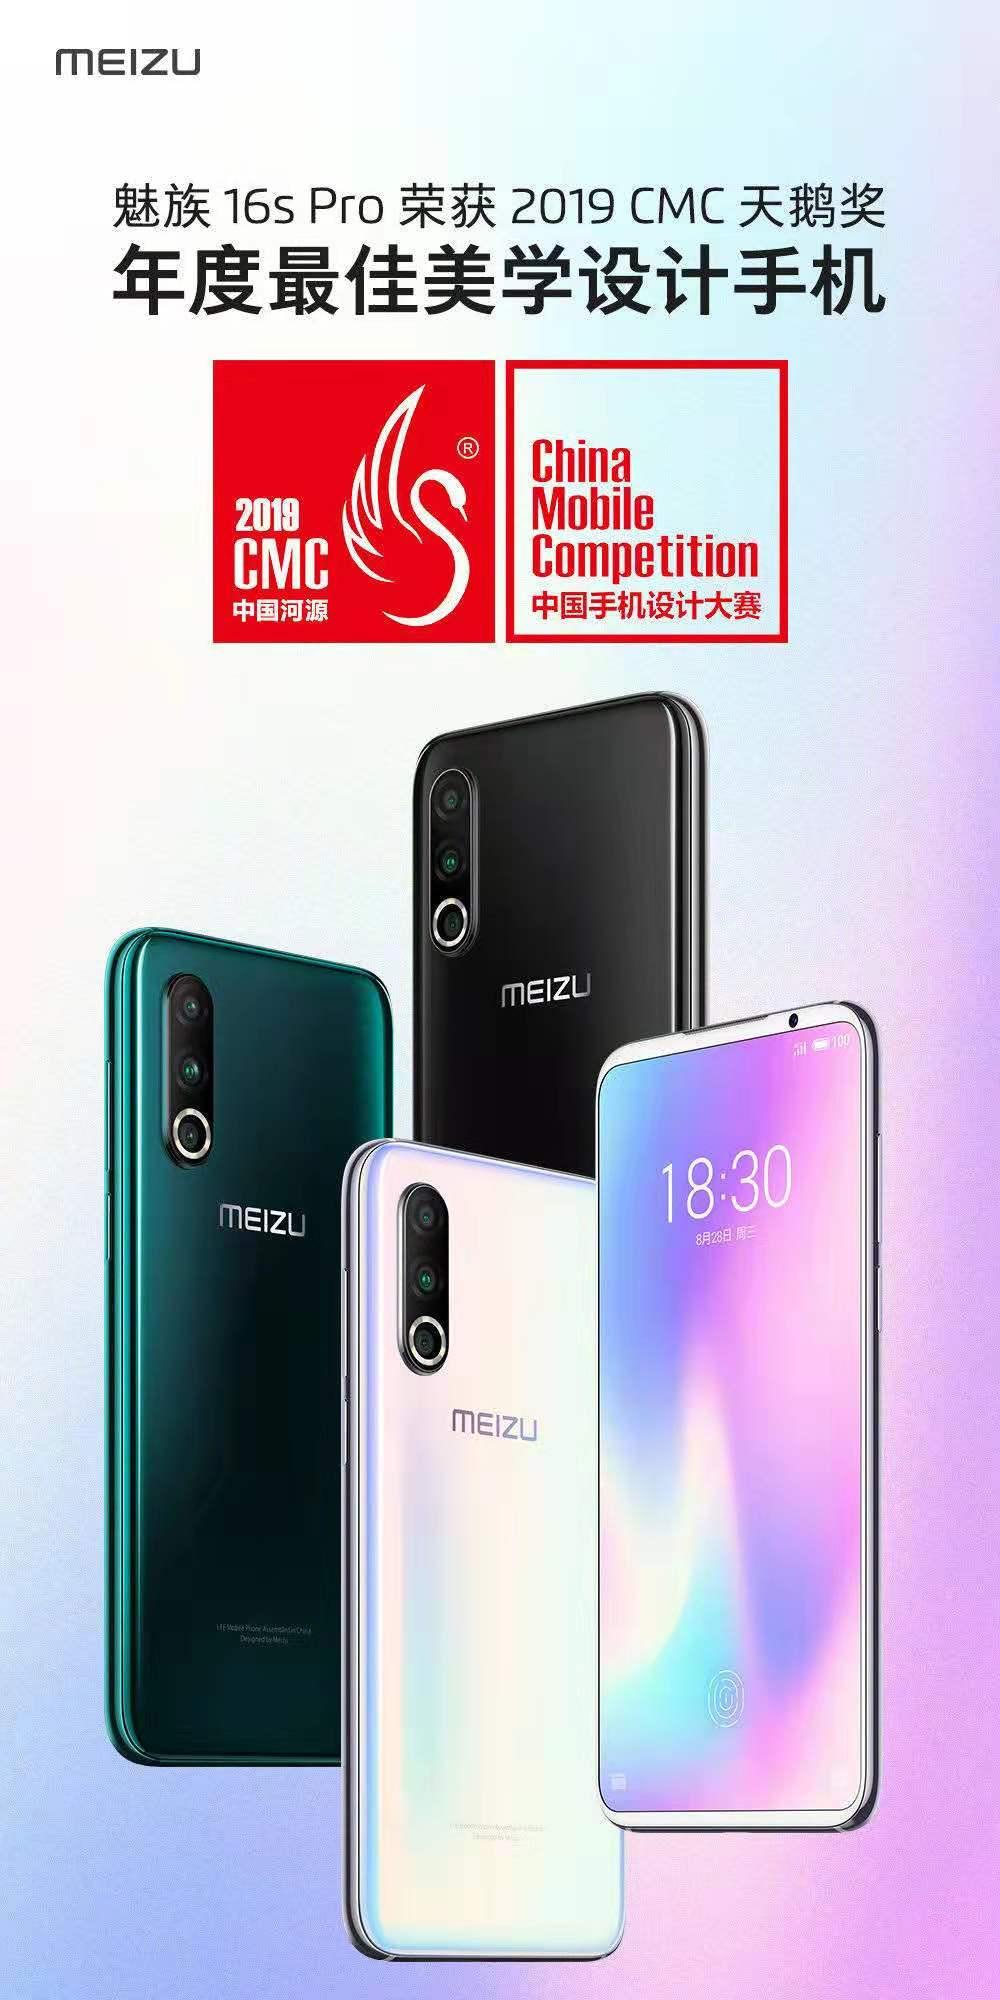 中国手机设计大赛天鹅奖揭晓 魅族华为领衔